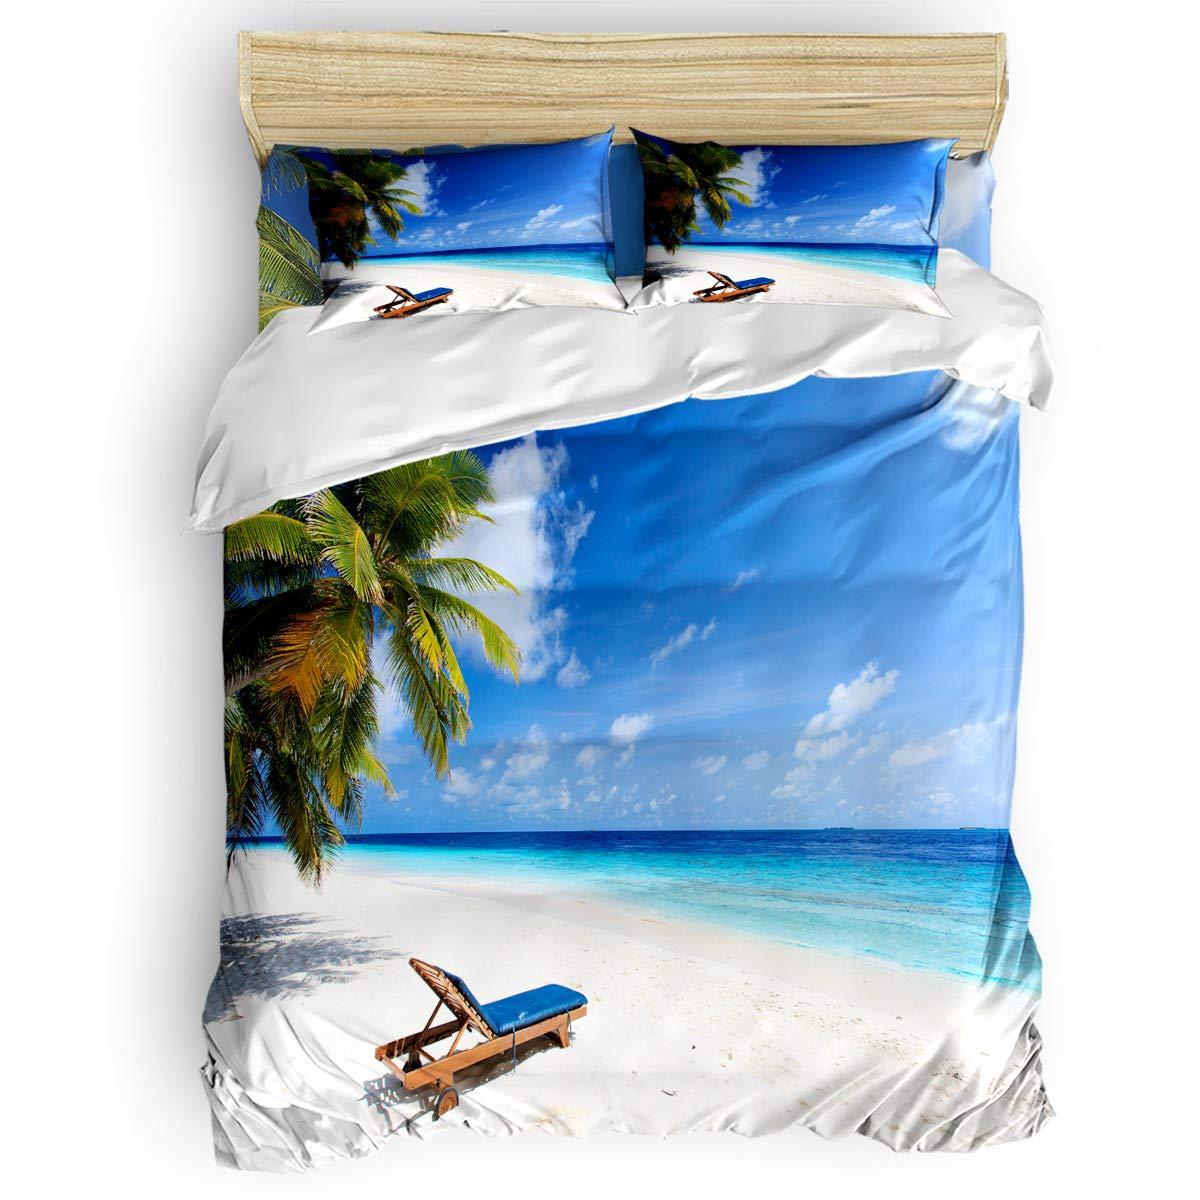 掛け布団カバー 4点セット 水中世界 サンゴ礁 魚 海洋生物 寝具カバーセット ベッド用 べッドシーツ 枕カバー 洋式 和式兼用 布団カバー 肌に優しい 羽毛布団セット 100%ポリエステル クイーン B07TG9WWHR seasideLAS0780 クイーン